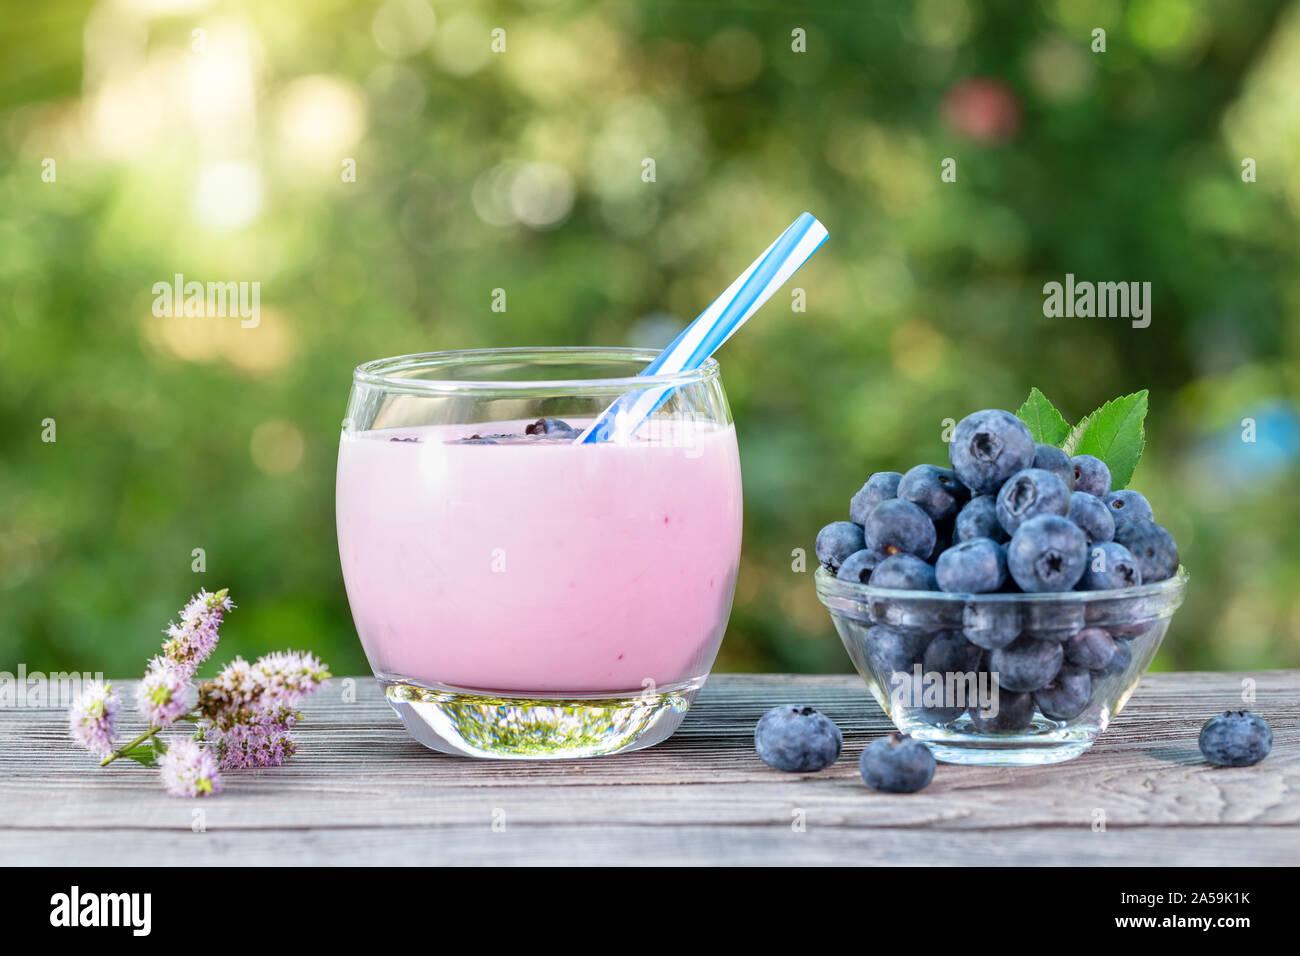 Yogourt frappé aux bleuets ou dans du verre tasse avec de la paille et de baies. Table en bois. Le concept de santé et de désintoxication natural nutrition Banque D'Images